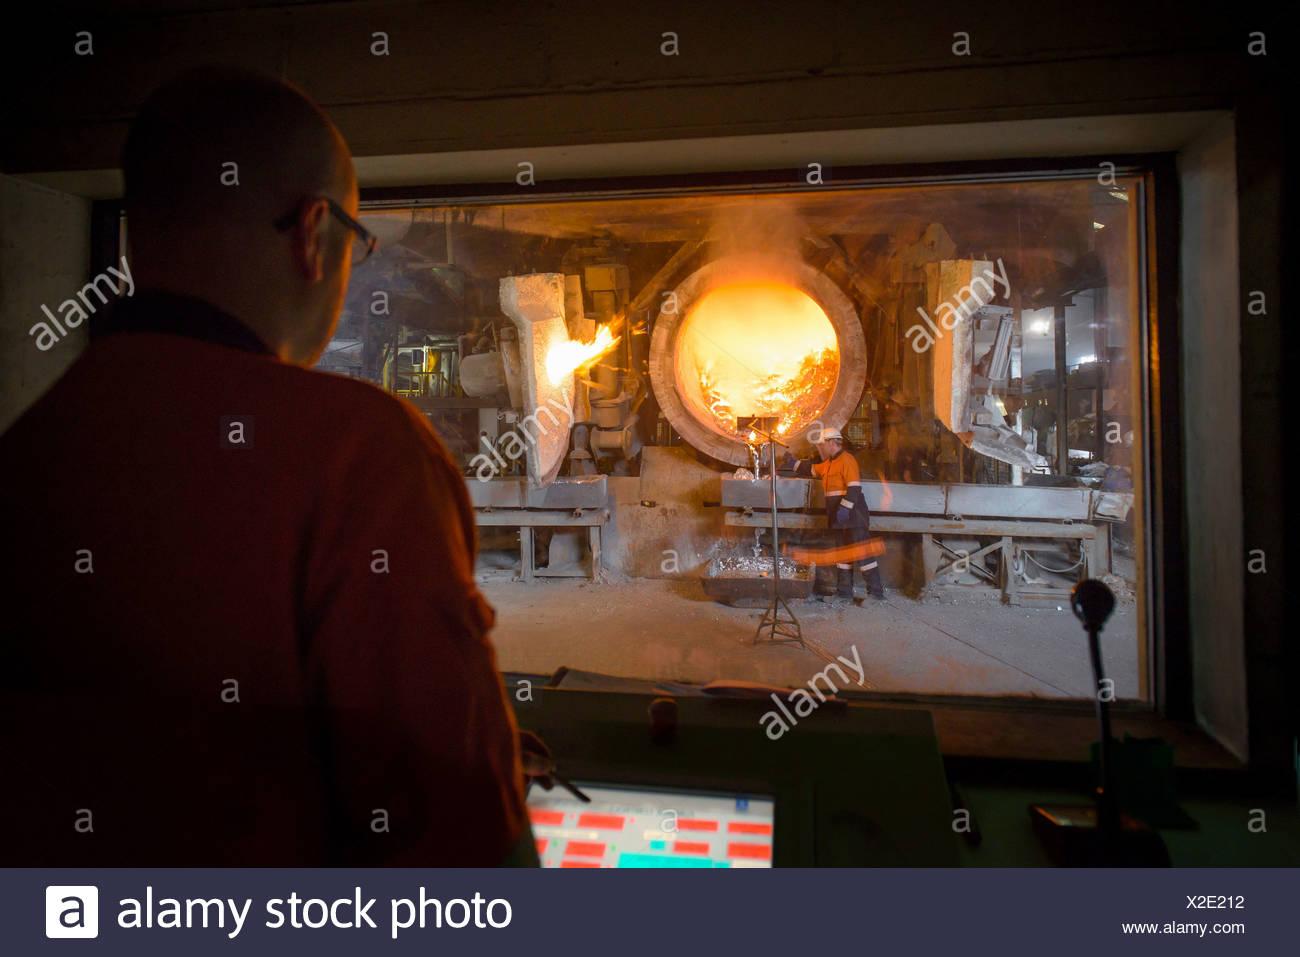 Überwachung der Ofen bei Aluminium-recycling-Anlage Stockbild